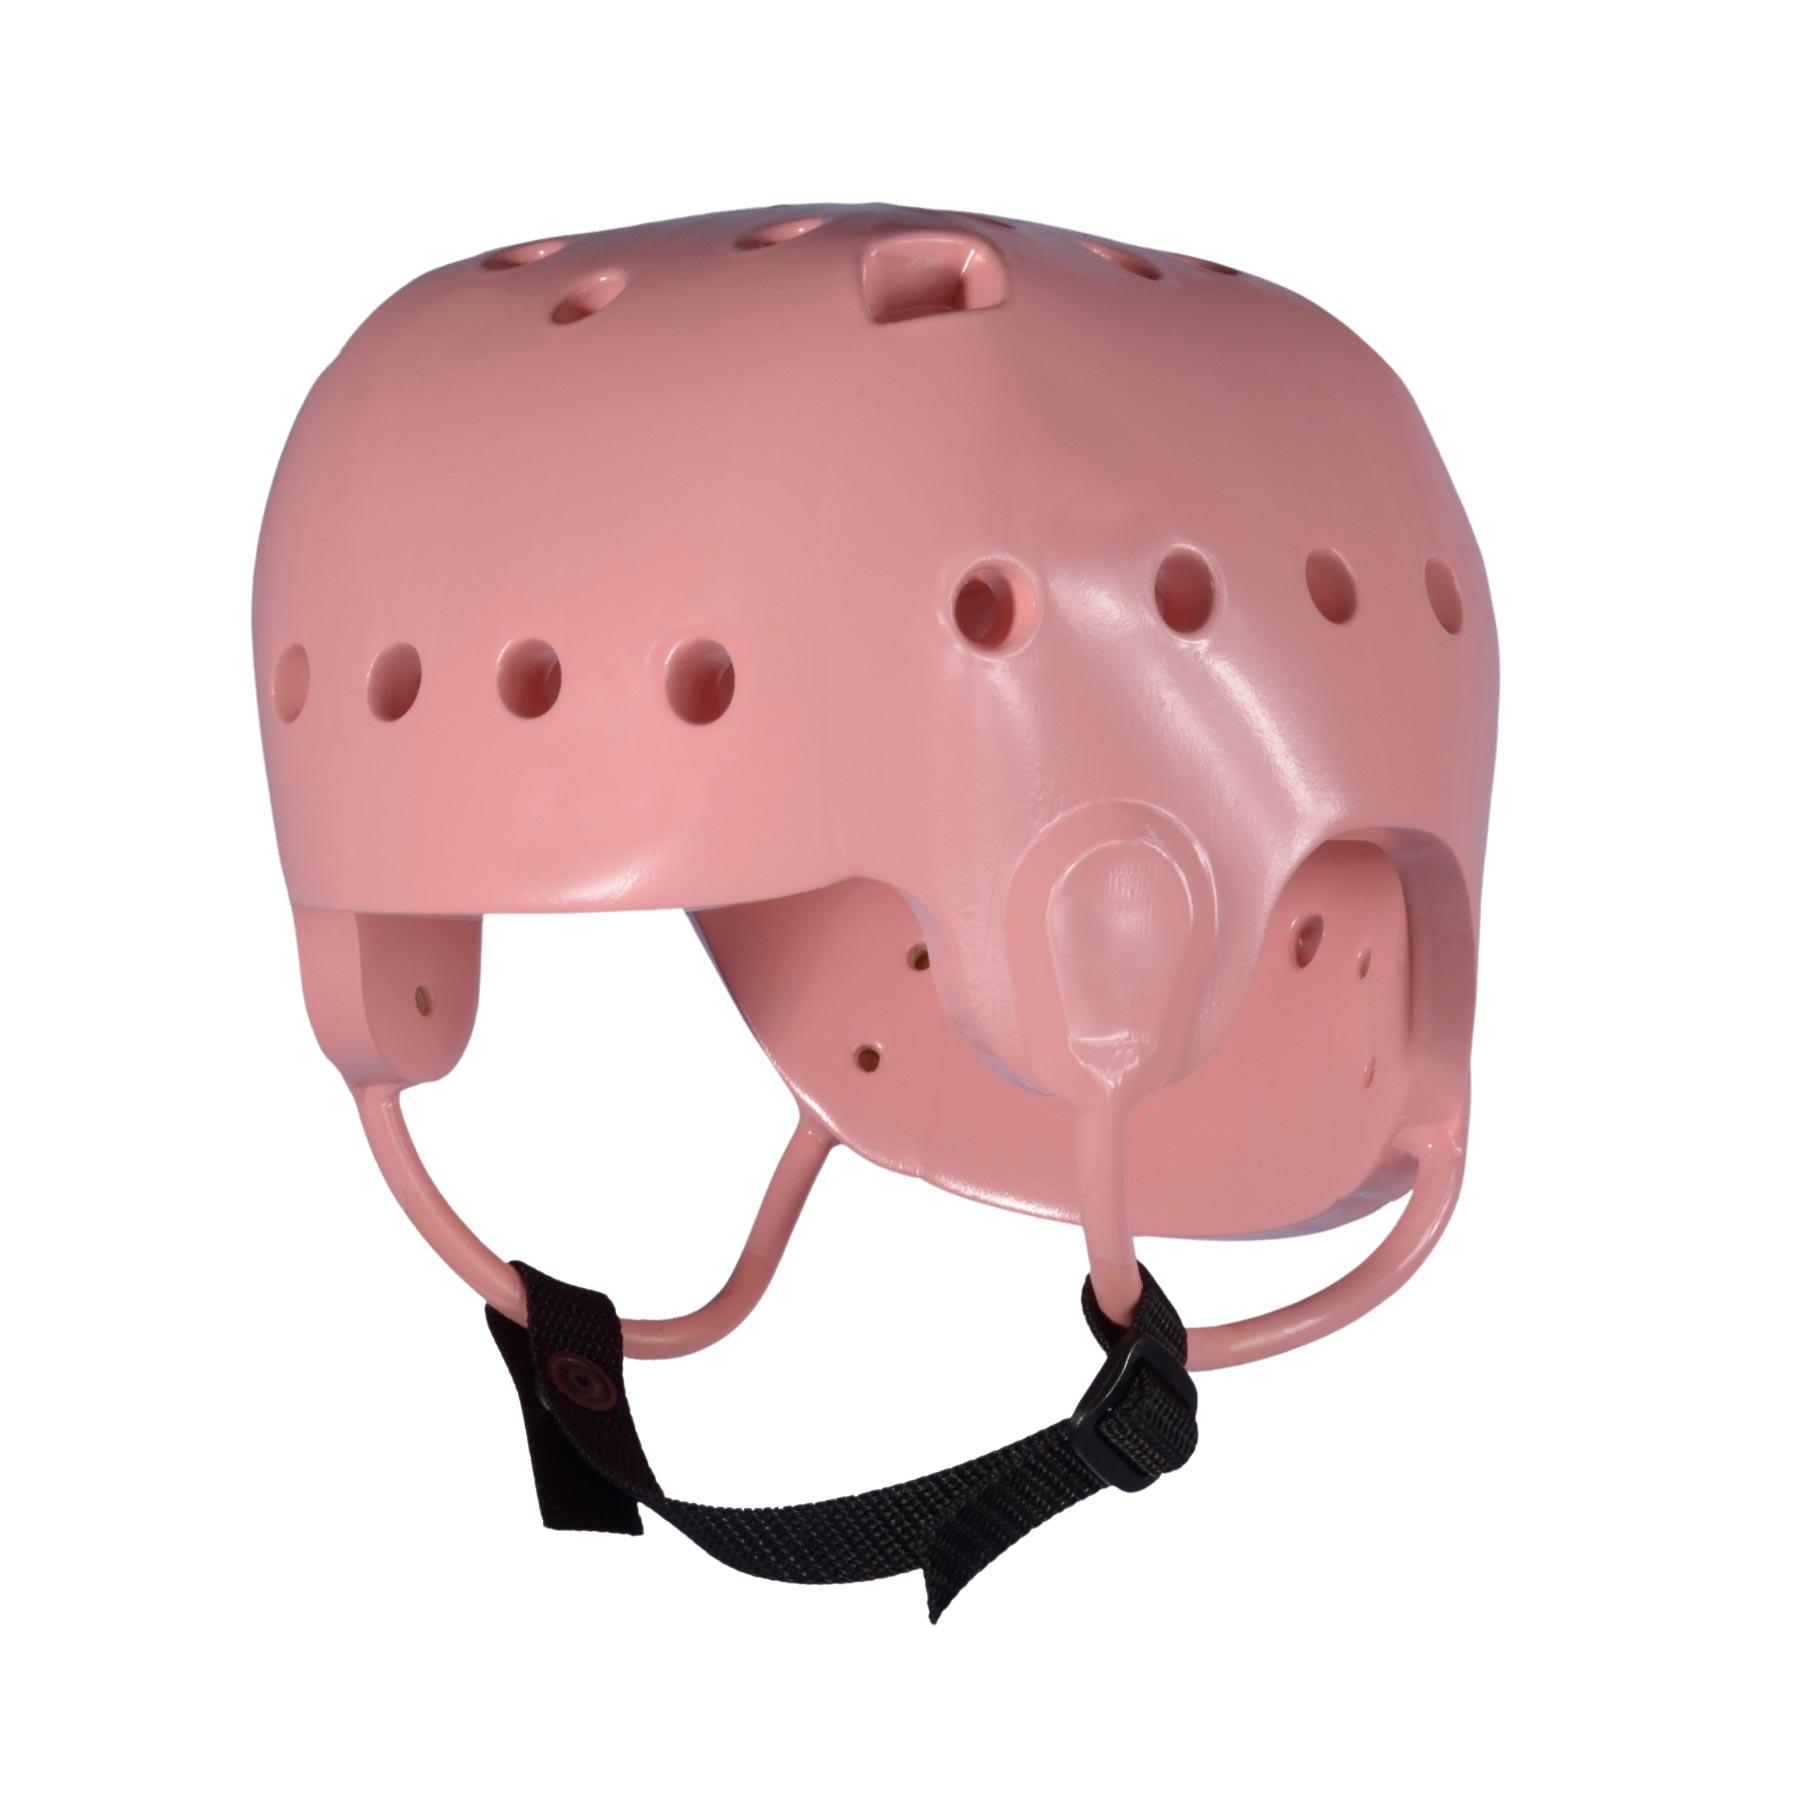 Danmar soft shell helmet